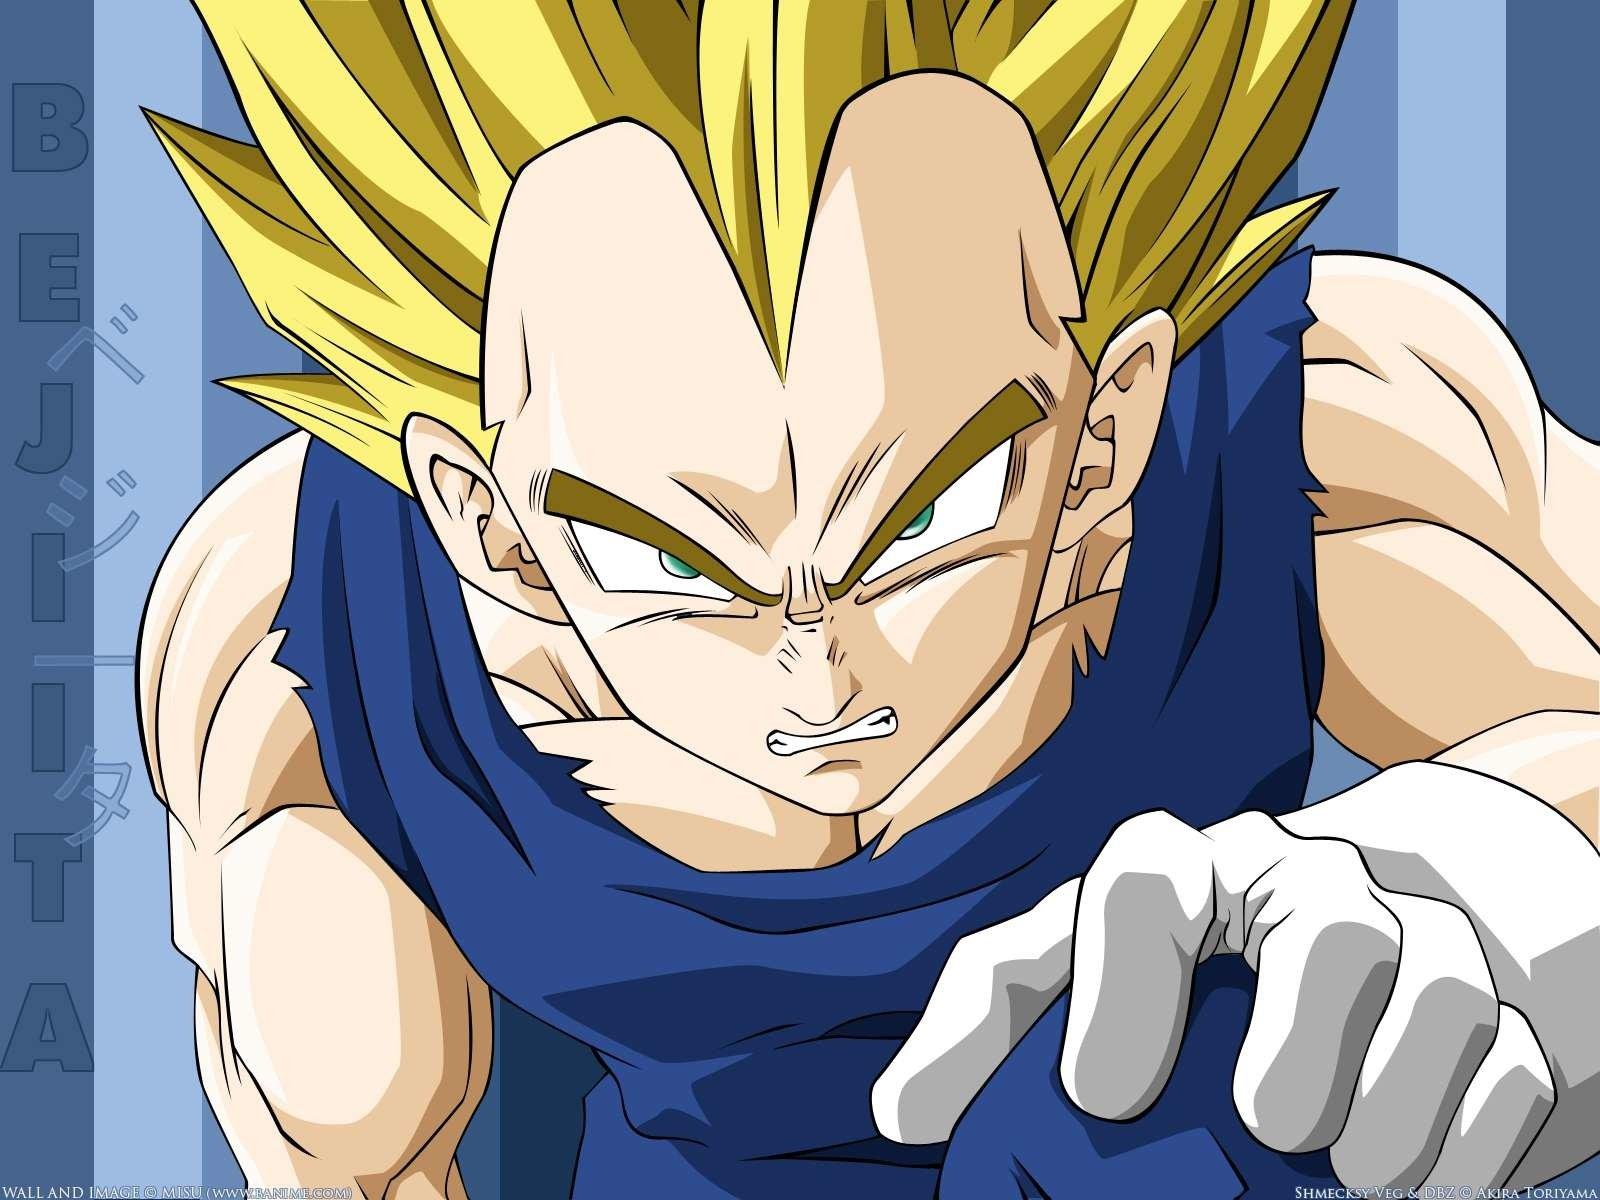 Anime - Dragon Ball Z  Vegeta (Dragon Ball) Wallpaper